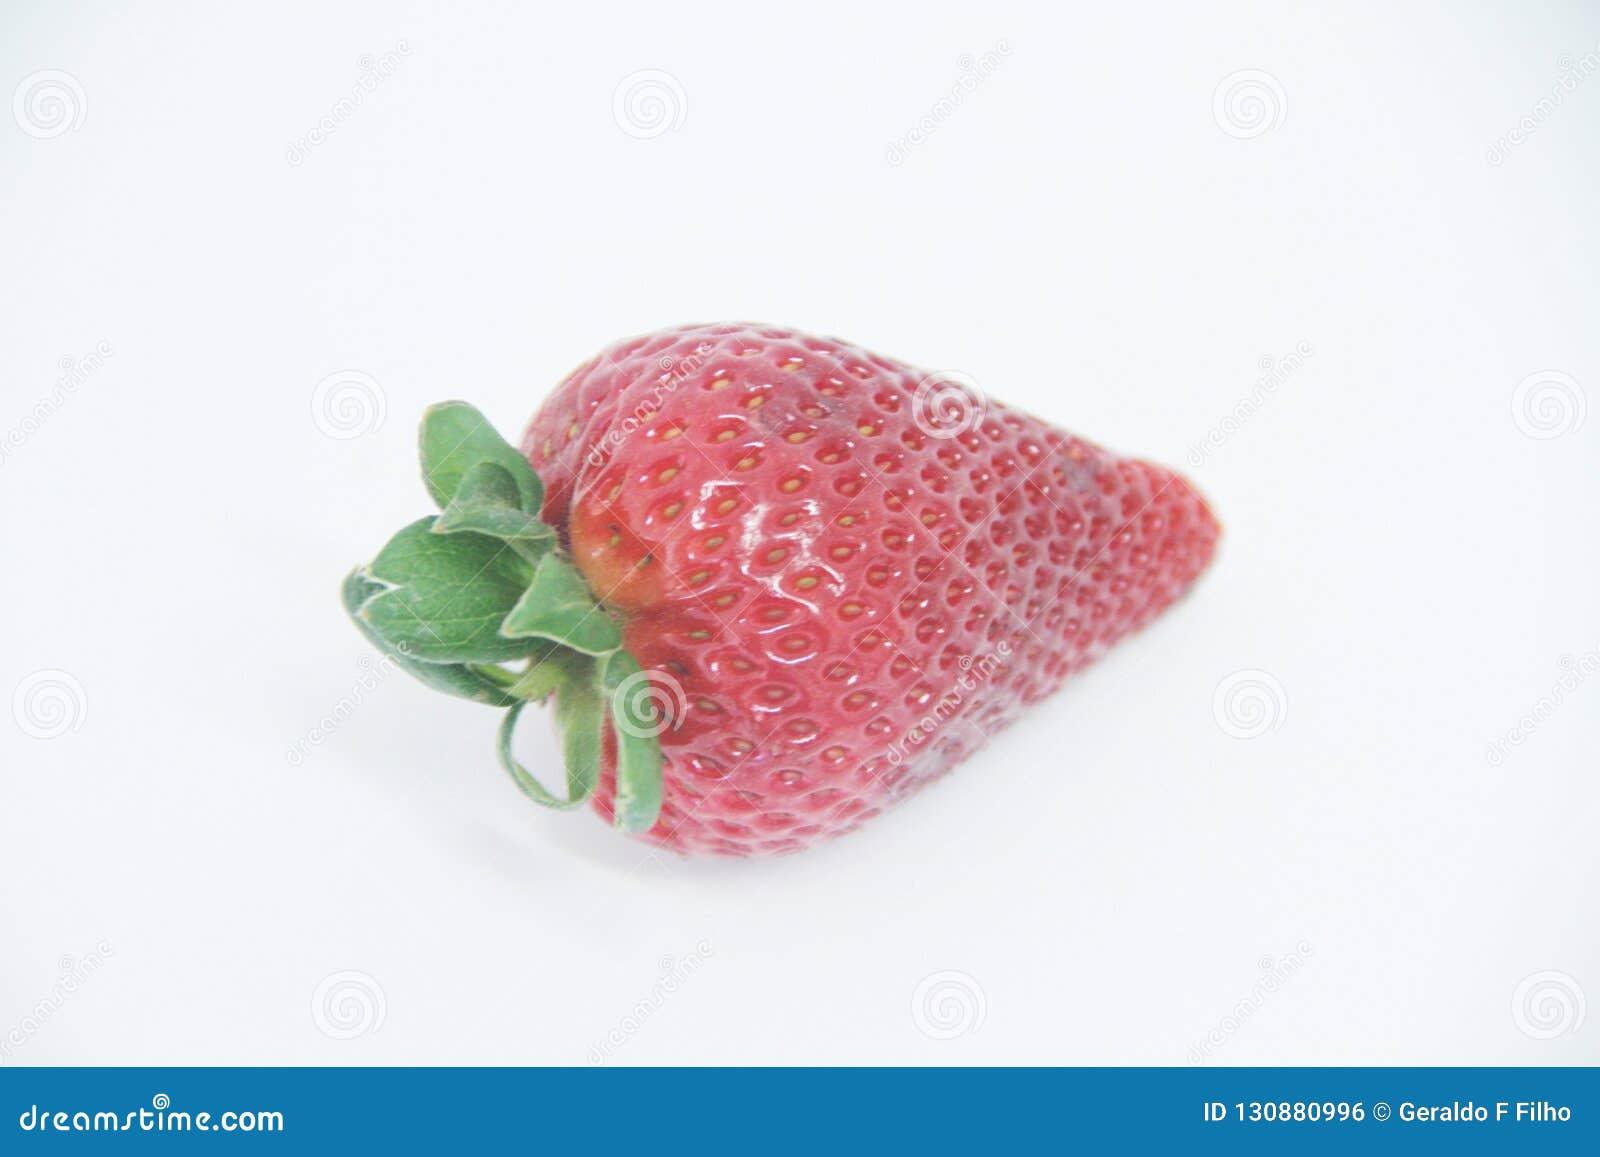 Φραουλών εύγευστα υγιεινά φρούτα Σάο Πάολο Βραζιλία βιταμινών τροφίμων απομονωμένα γεωργία